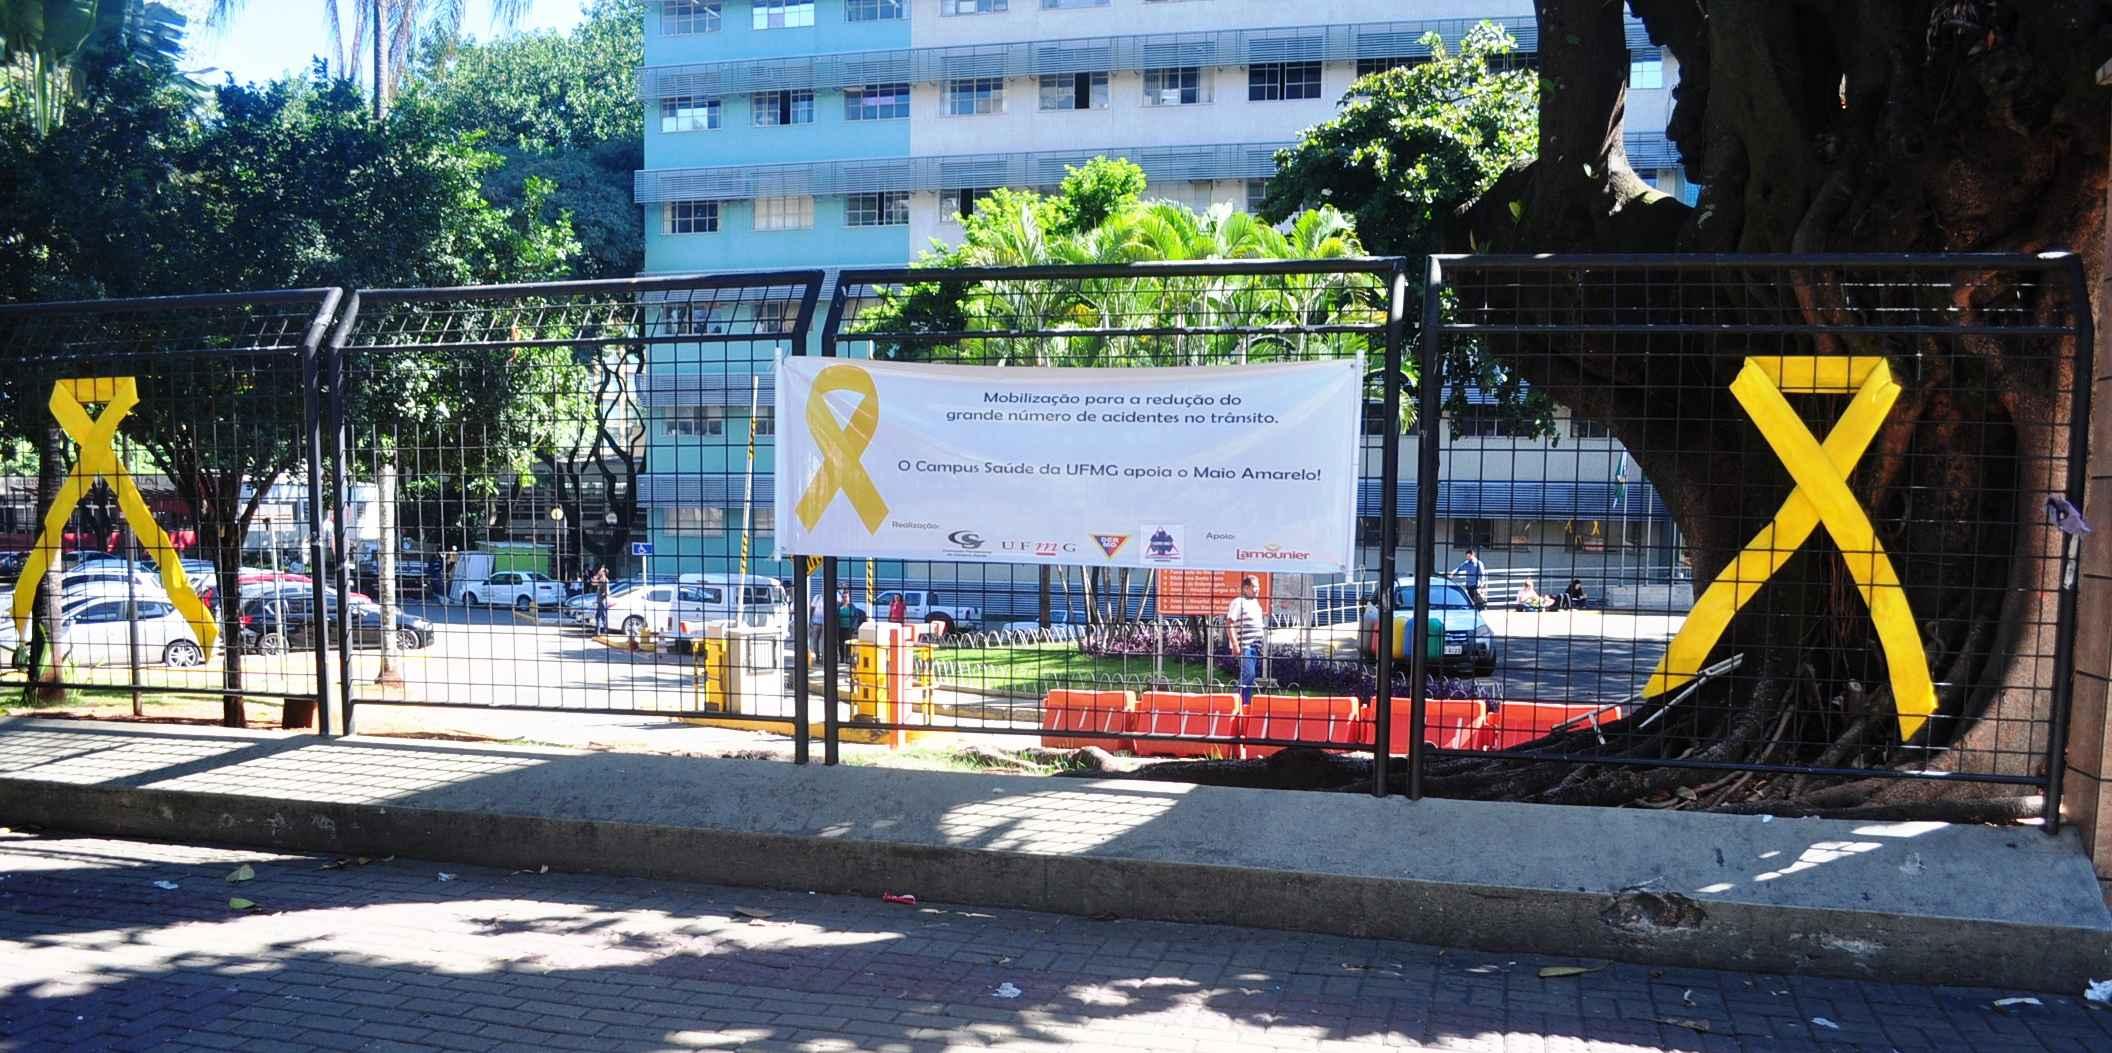 Laços amarelos instalados nos gradis do campus Saúde